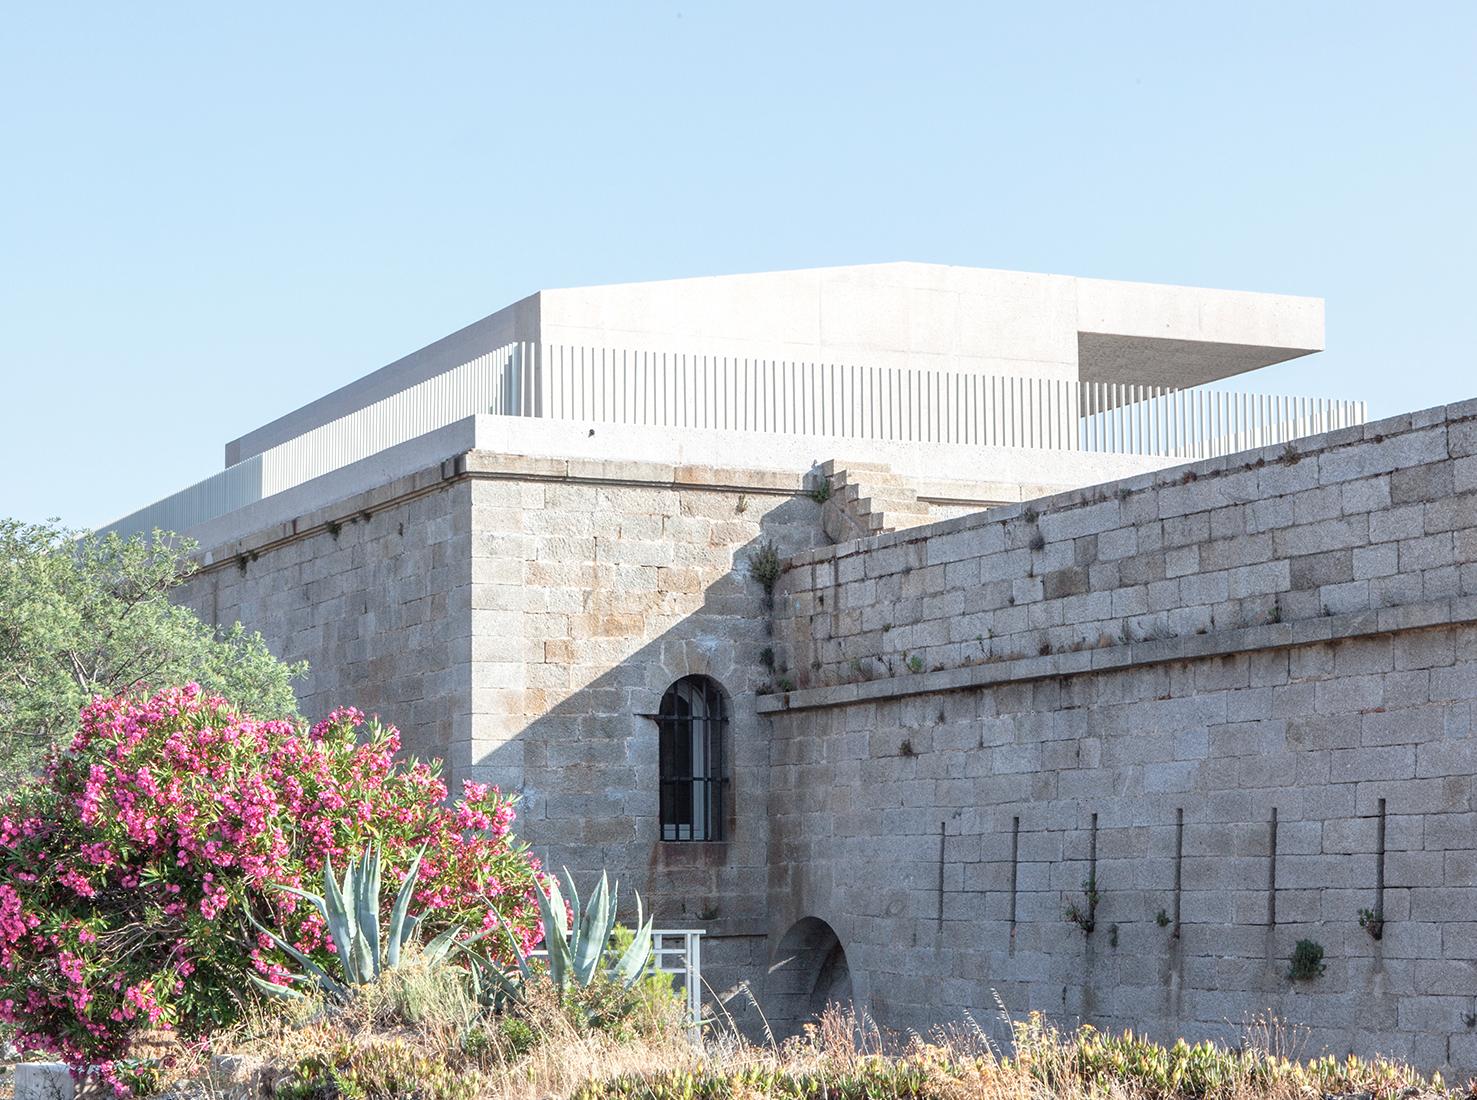 Архитектурное наследие Франции: 5 проектов реконструкций и новых арт-центров